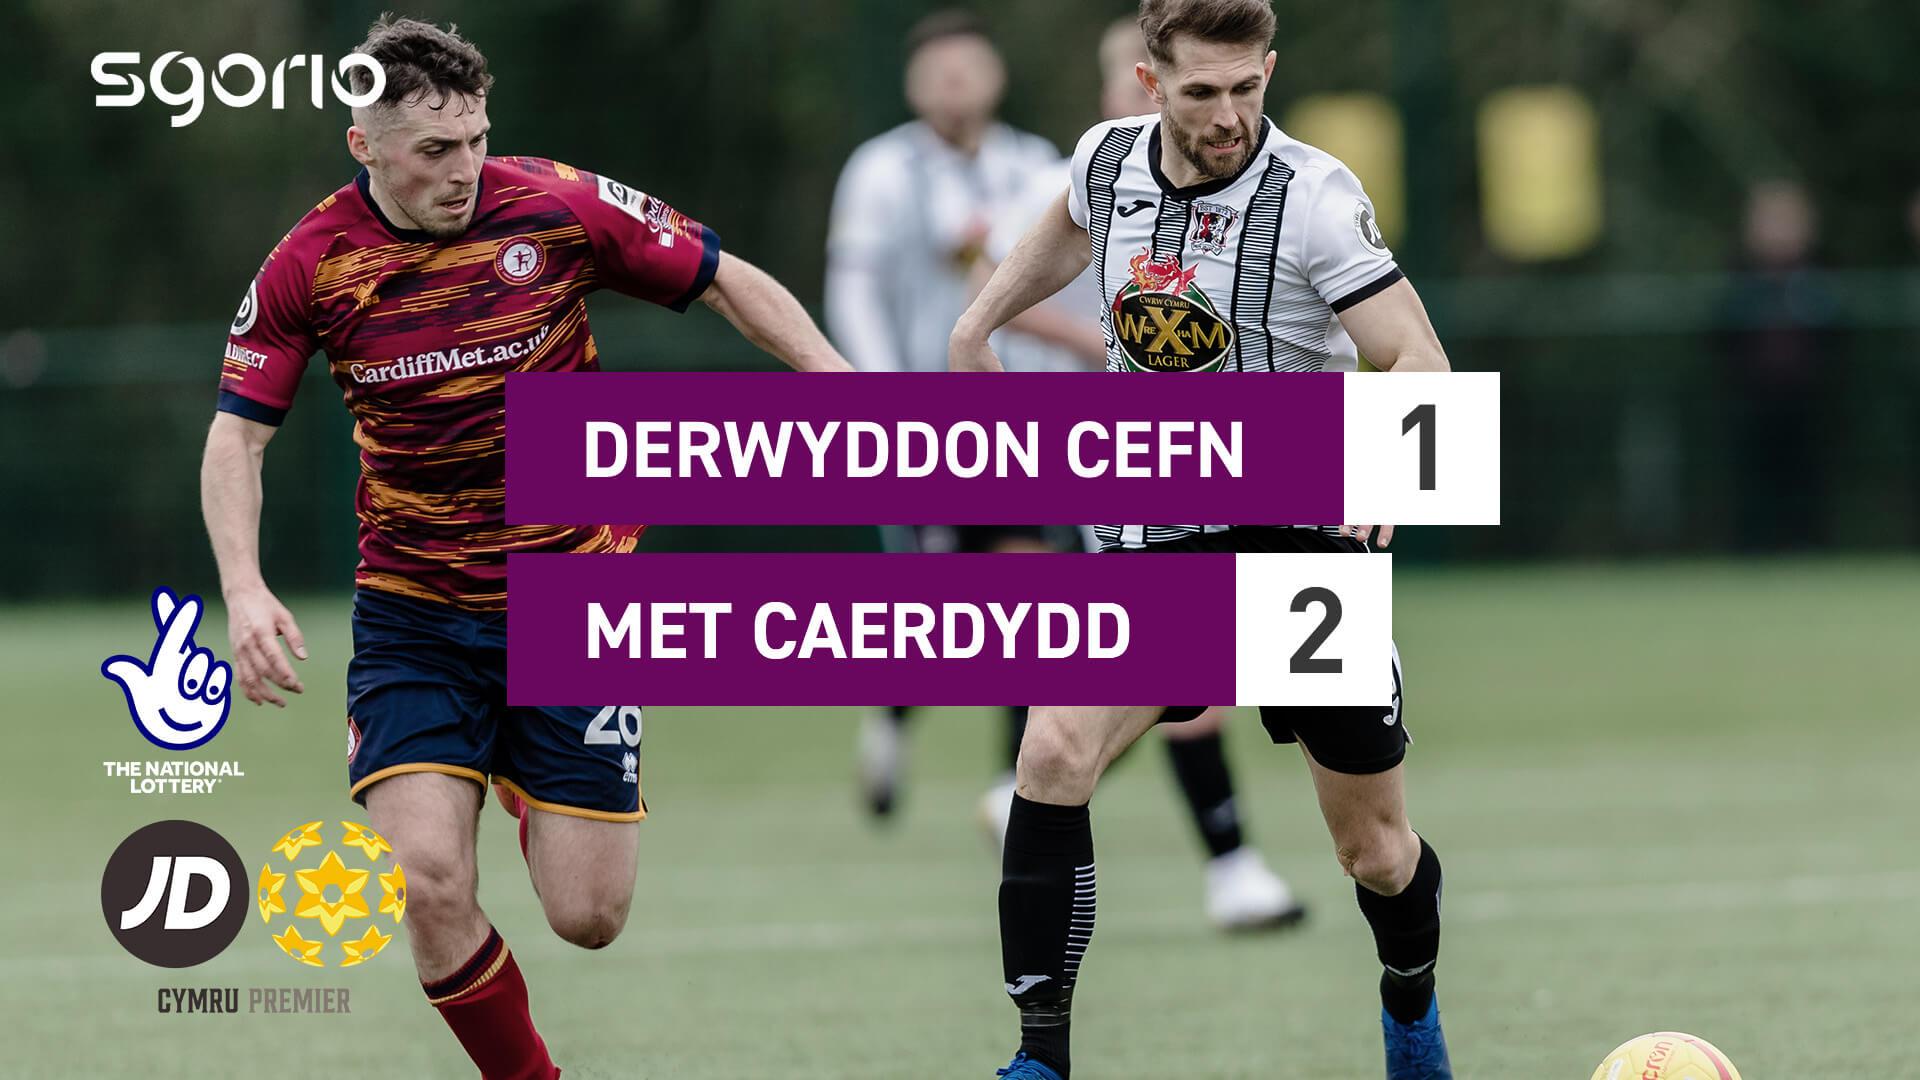 Derwyddon Cefn 1-2 Met Caerdydd